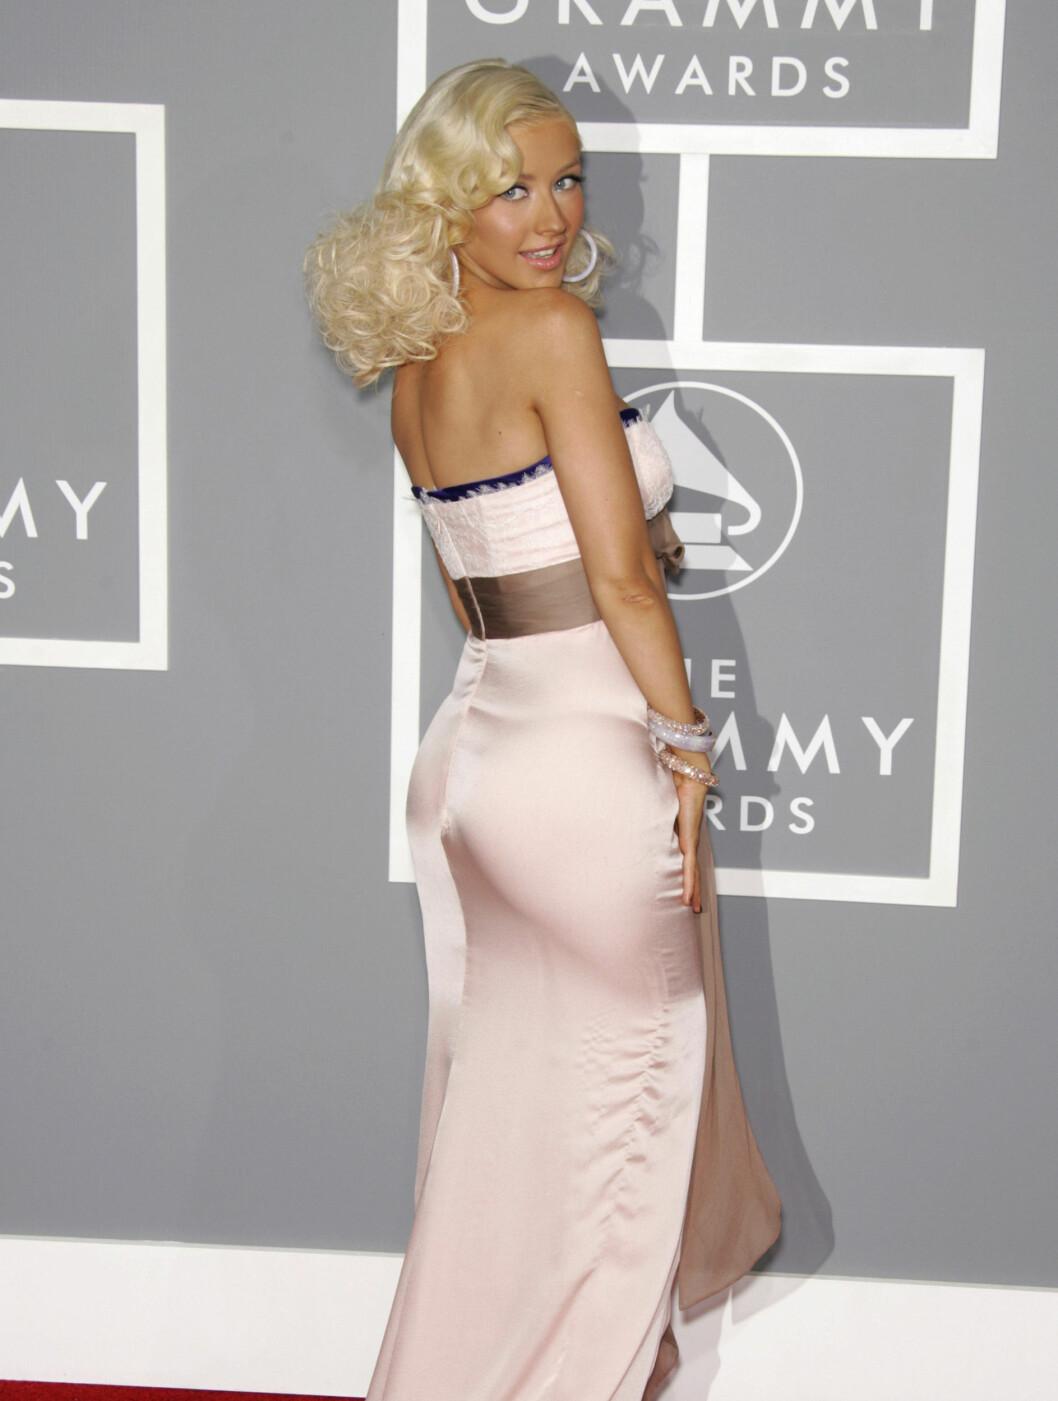 SKINNENDE BLANK ROMPE: Her bruker Christina Aguilera en lys rosa silkekjole. Den skinner i blitzen fra fotografene, som snudde rumpa til på Grammy Awards i 2007. Foto: Fame Flynet